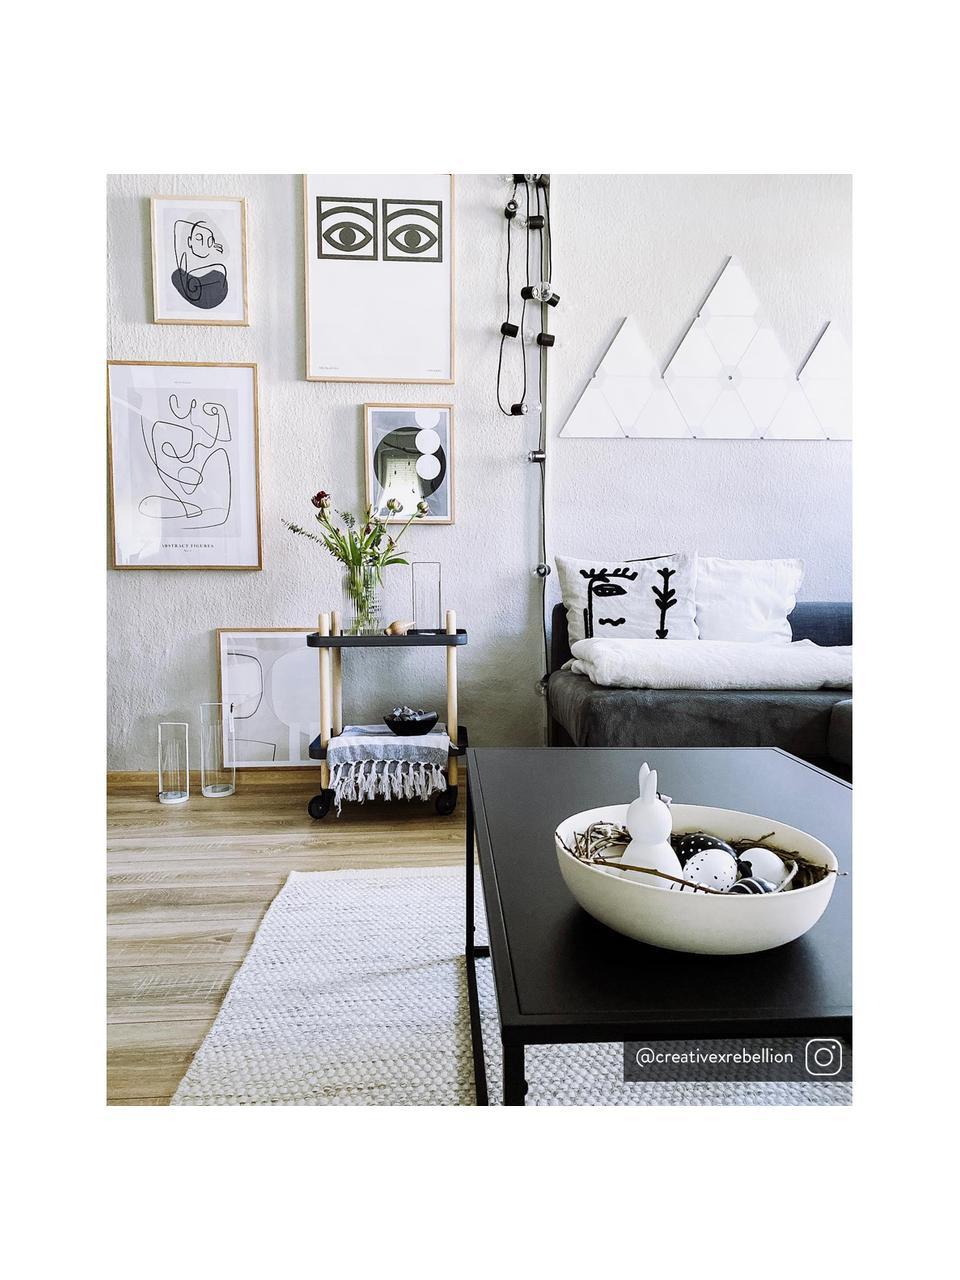 Beistelltisch Block im Skandi Design, Ablageböden: Stahl, Rahmen: Eschenholz, Rollen: Stahl, Gummi, Dunkelgrau, 50 x 64 cm